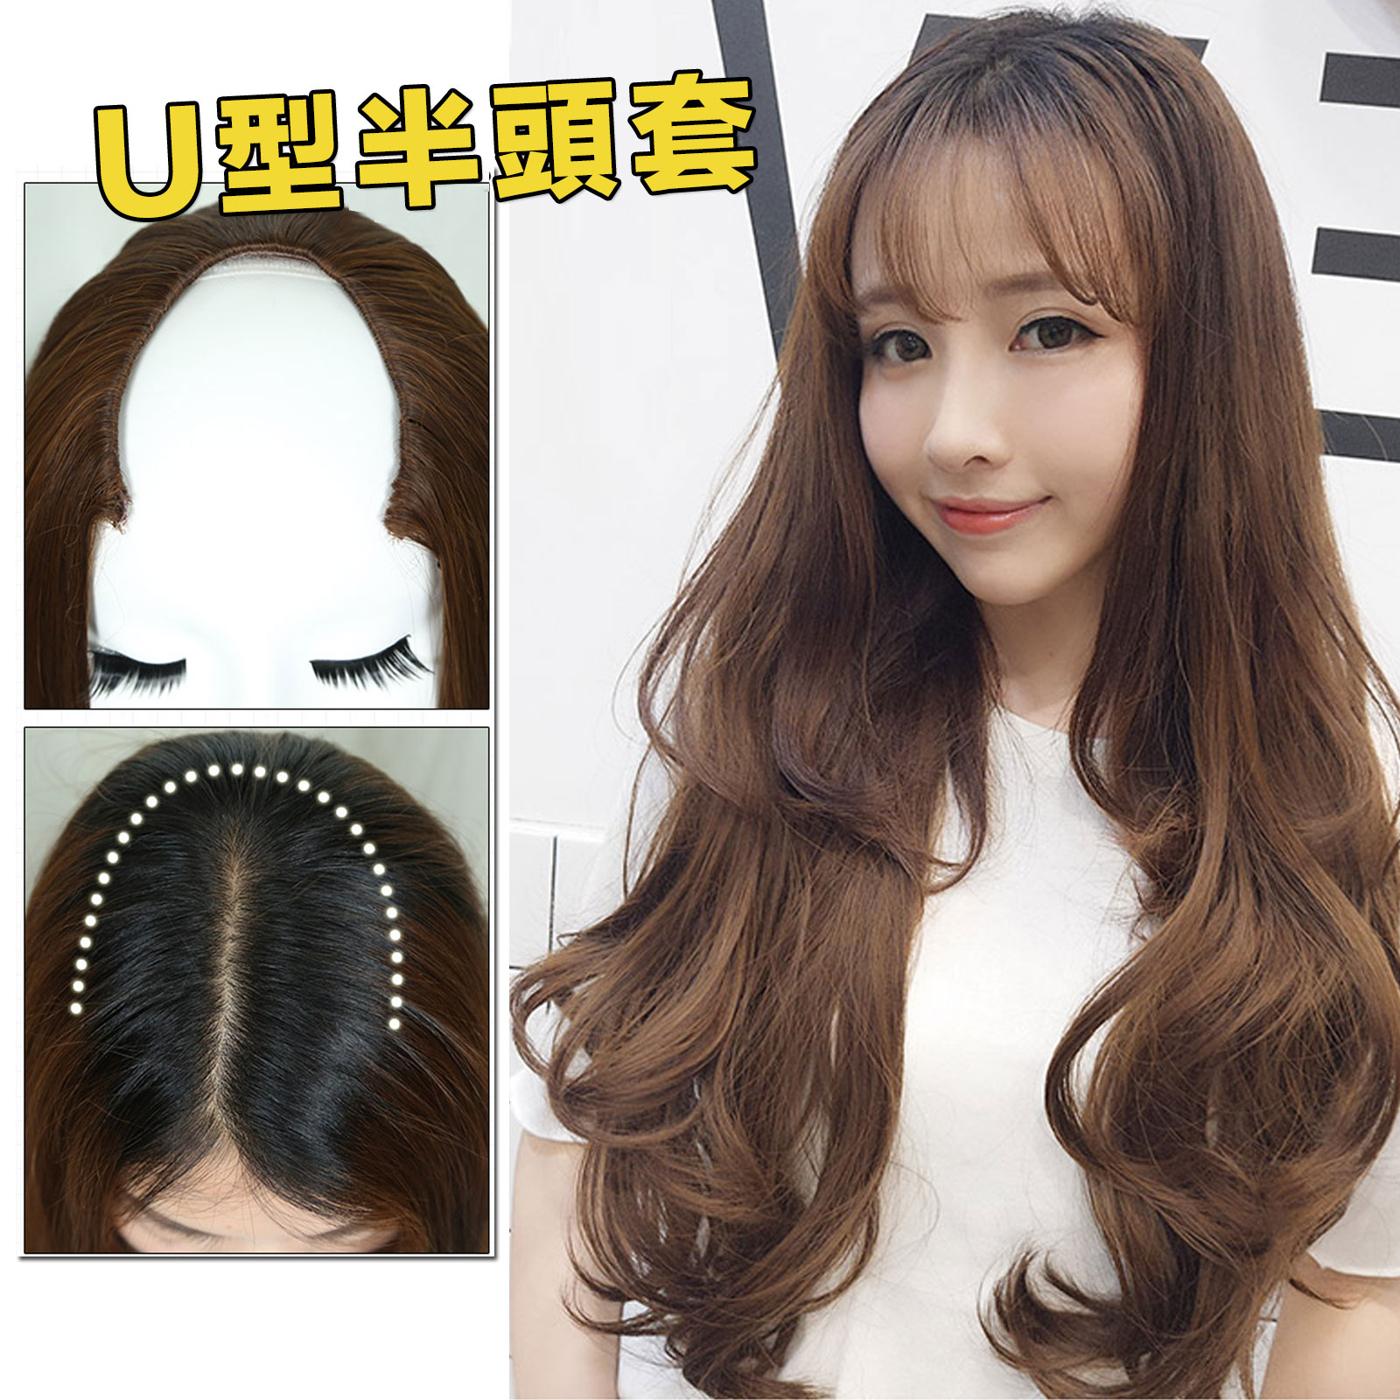 全新設計U型半罩式假髮 韓系浪漫大捲長髮 逼真自然【MW360】☆雙兒網☆